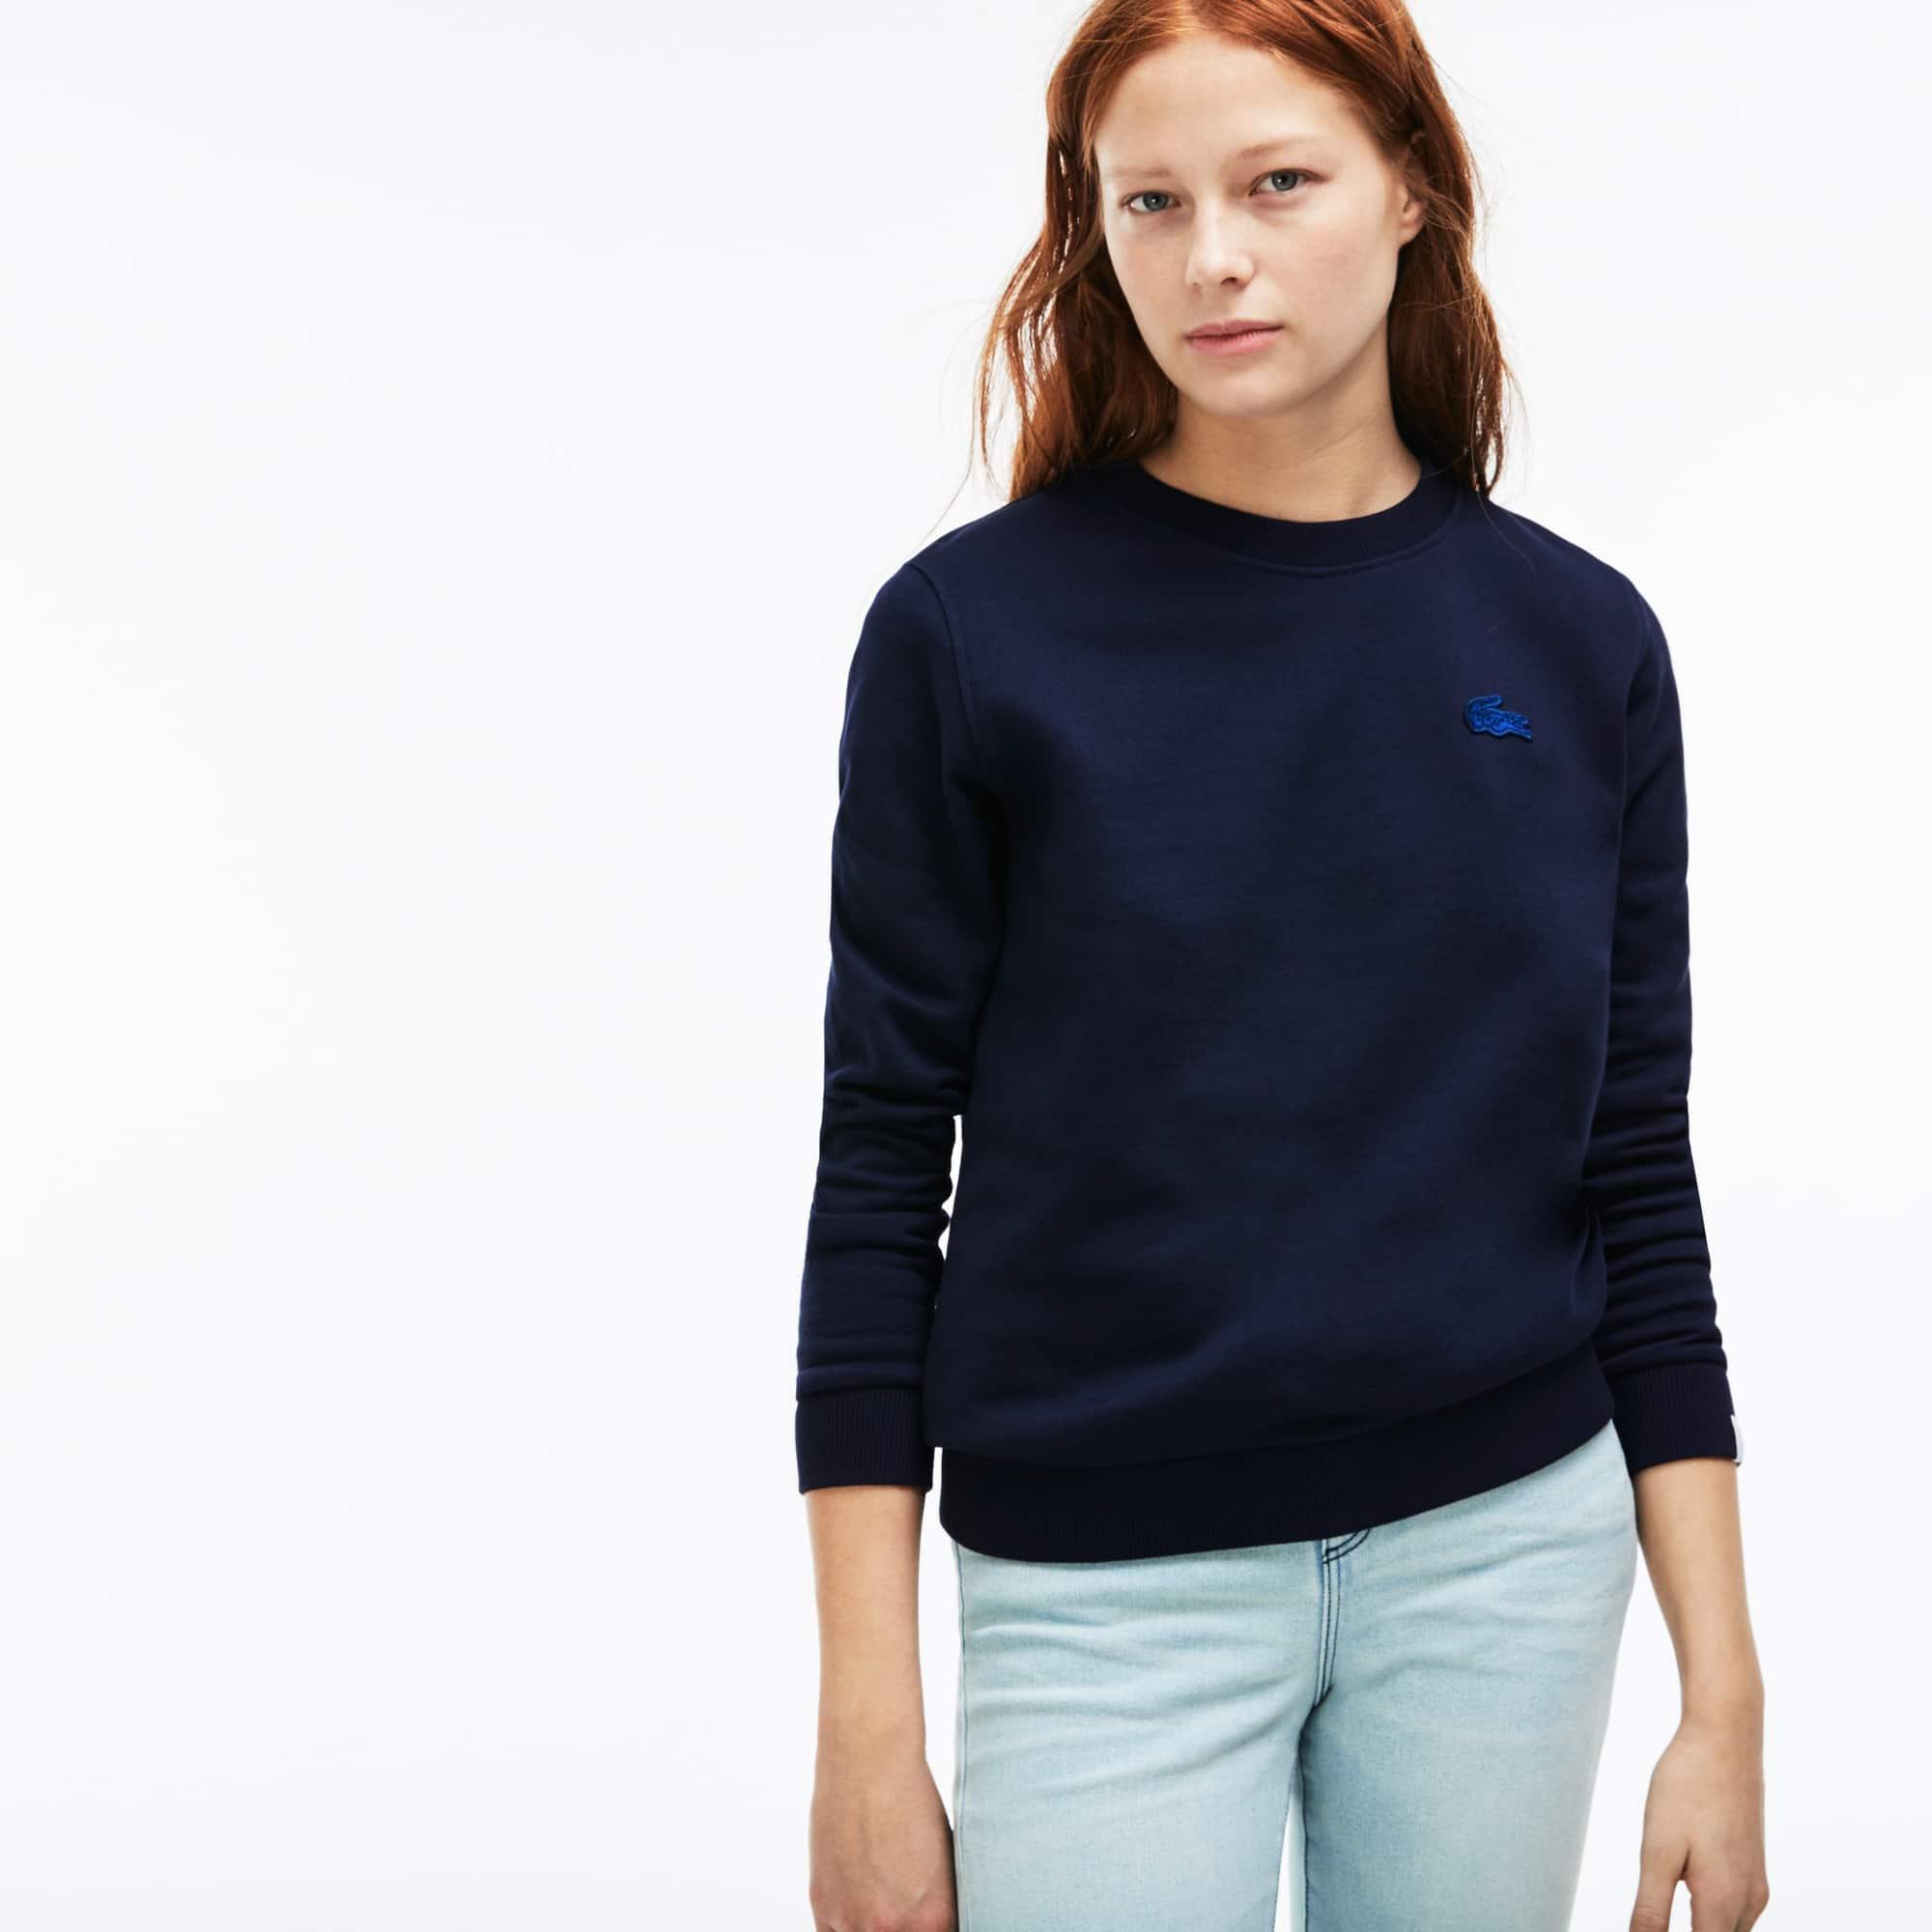 Damen-Sweatshirt mit Schlüssellochausschnitt LACOSTE L!VE